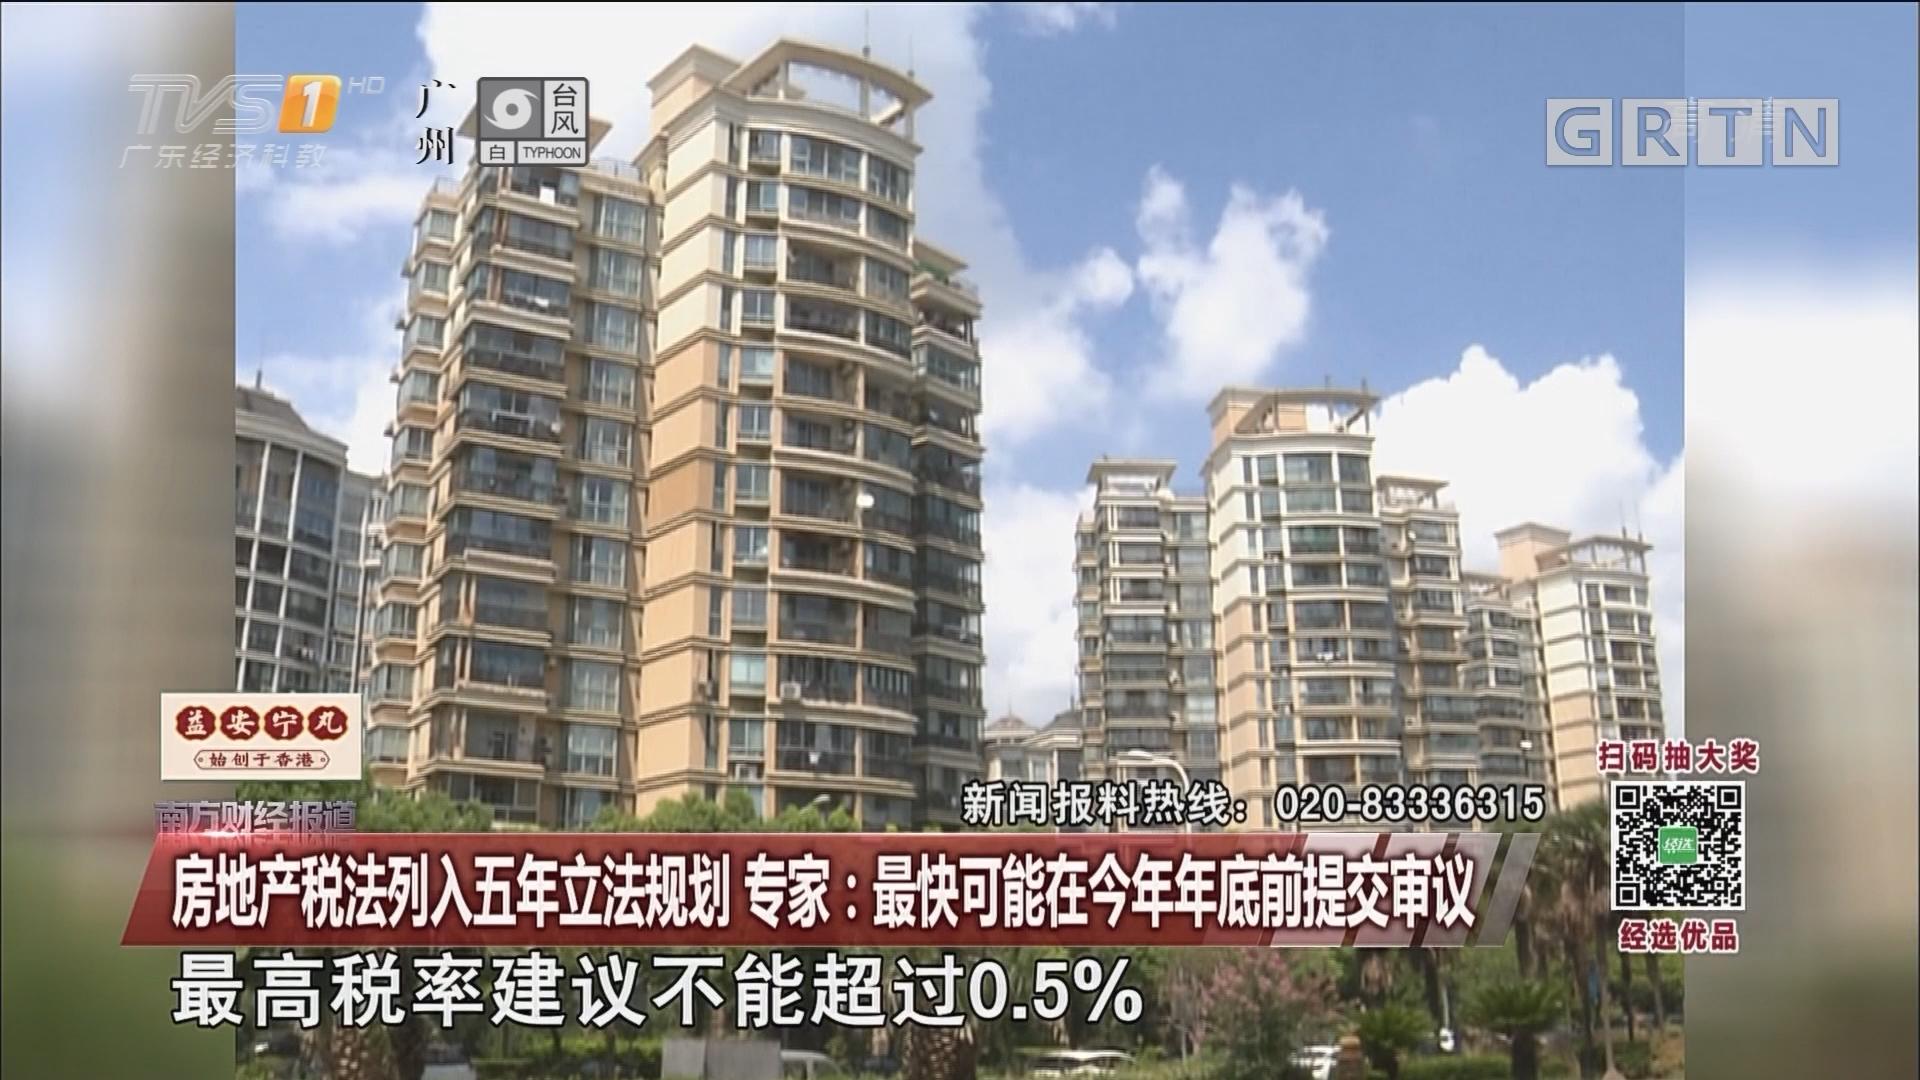 房地产税法列入五年立法规划 专家:最快可能在今年年底前提交审议